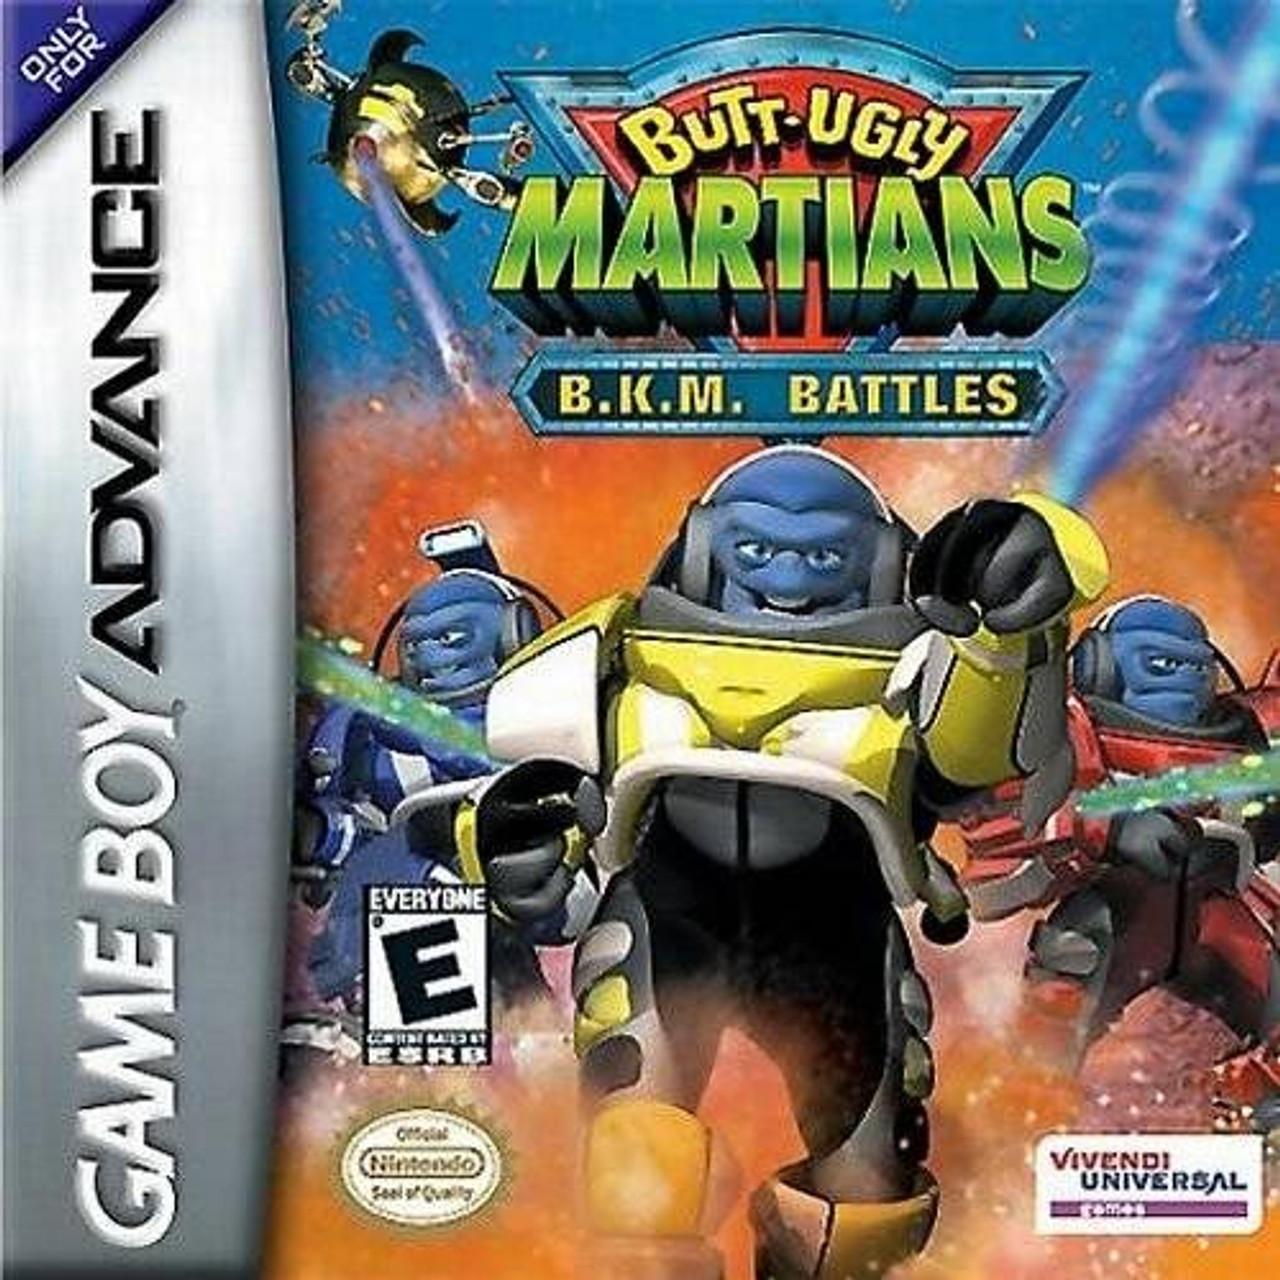 Butt Ugly Martians BKM Battles - Game Boy Advance Game